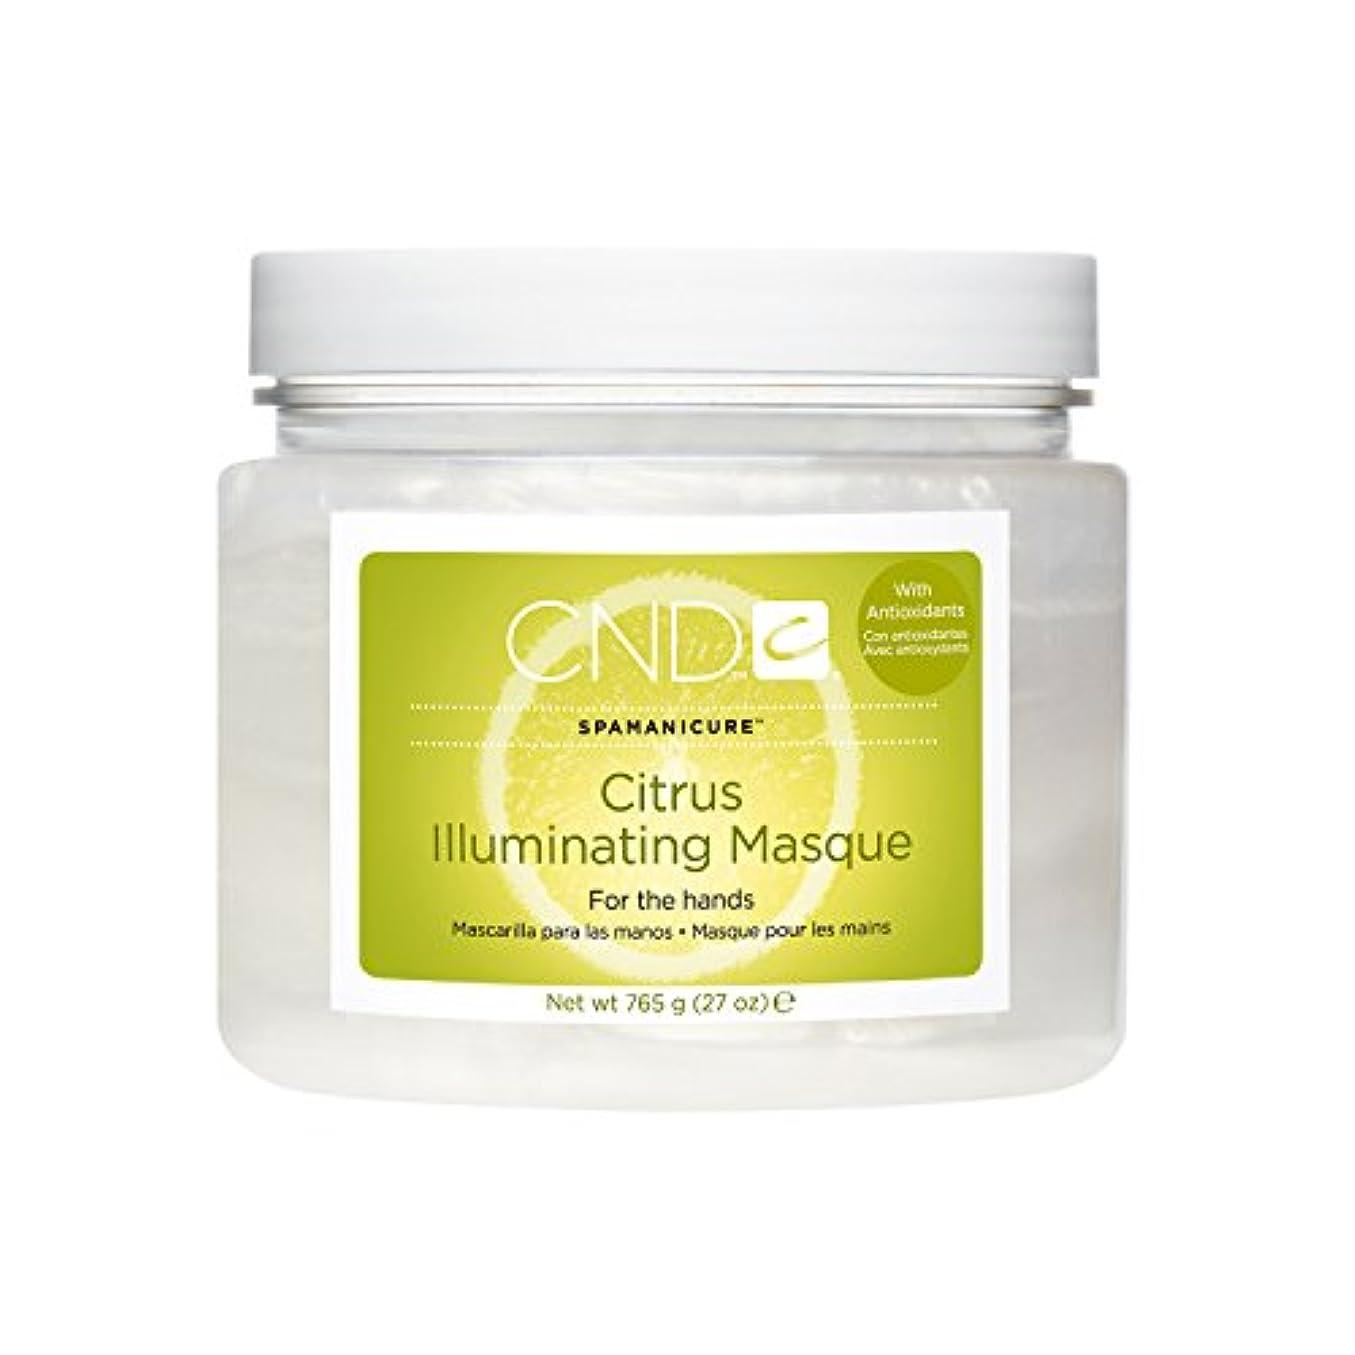 良いやけど聖書CND SpaManicure - Citrus Illuminating Masque - 27oz